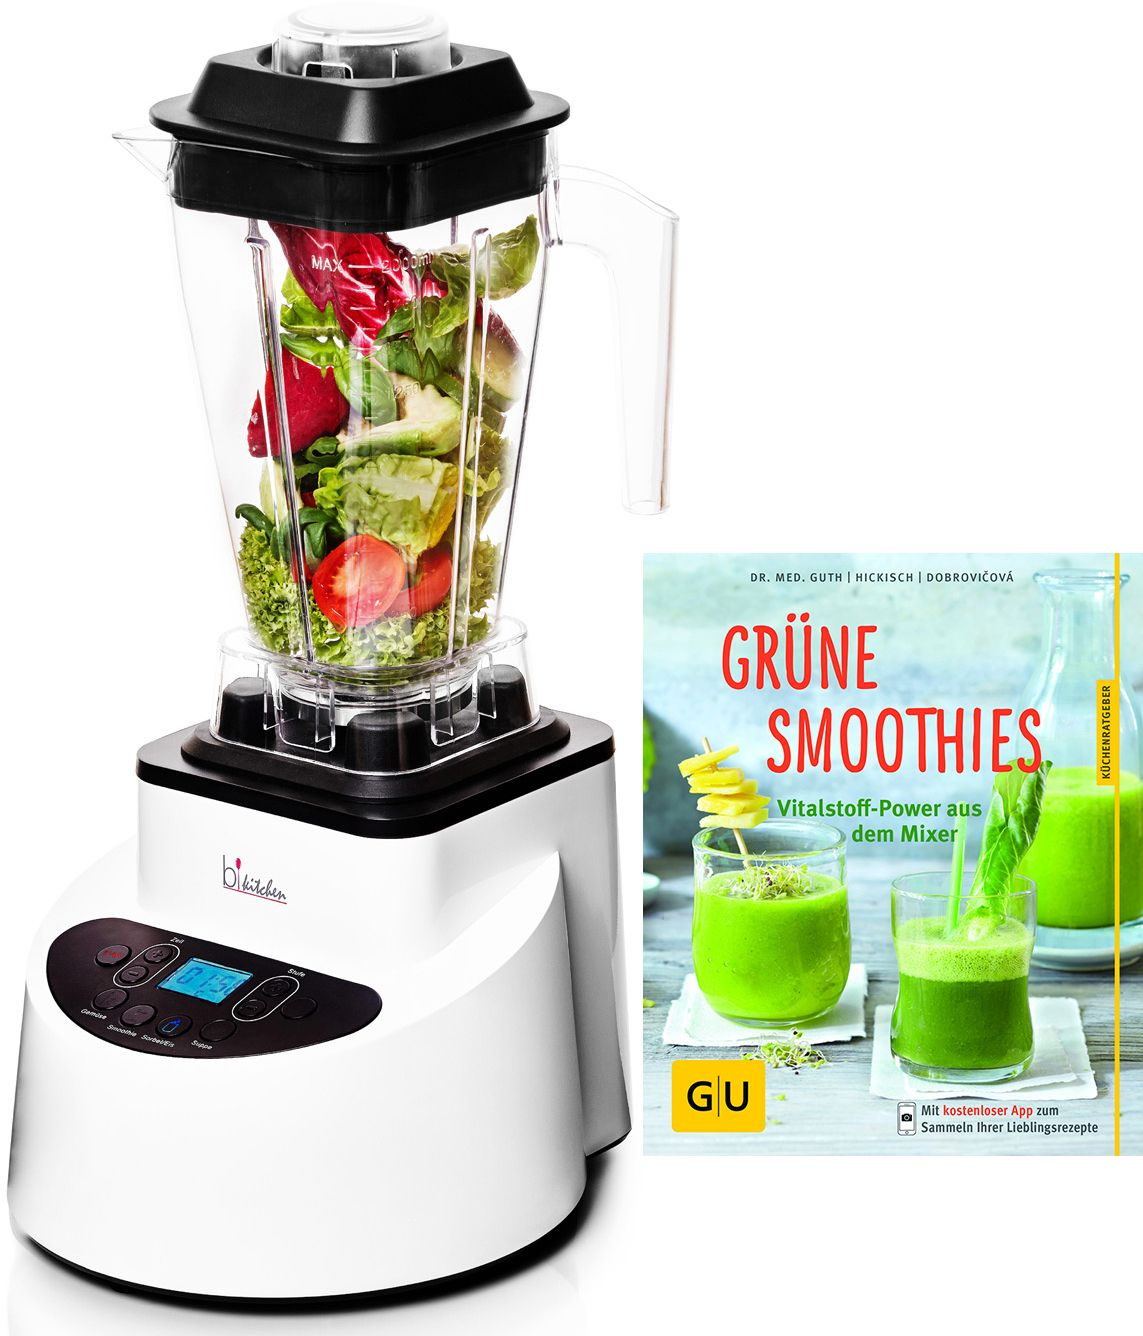 BKITCHEN bkitchen Vitamin-Power-Mixer smooth 320, 1200 Watt, 8 Stufen